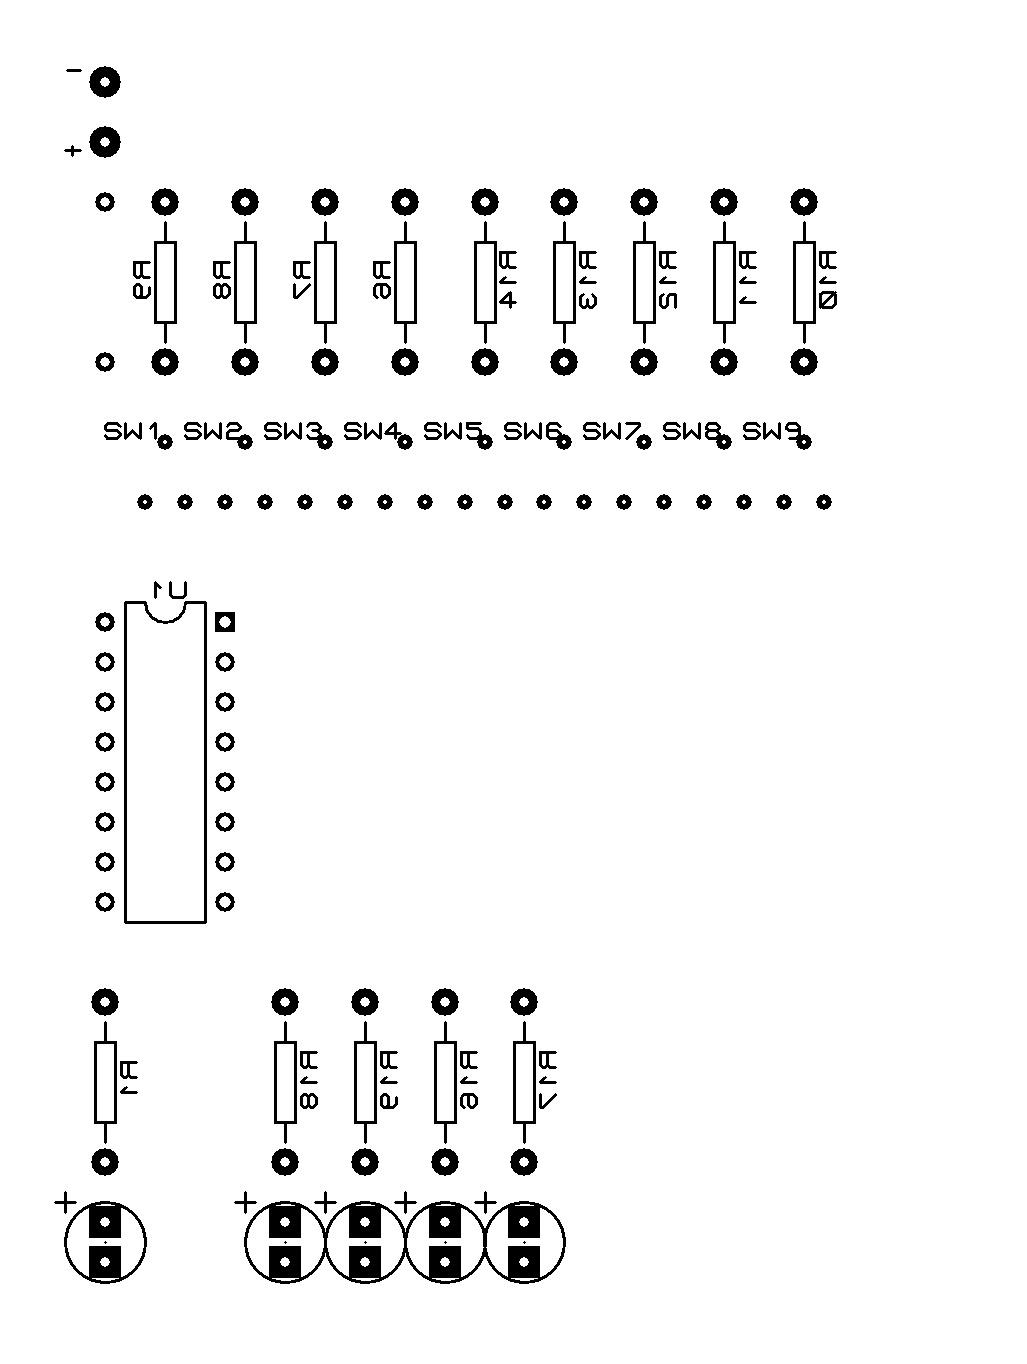 Kumpulan Judul Skripsi Elektronika Kumpulan Judul Contoh Skripsi Teknik Mesin << Contoh Kumpulan Tugas Elektronika Cara Kerja Rangkaian Encoder Ic 74ls148